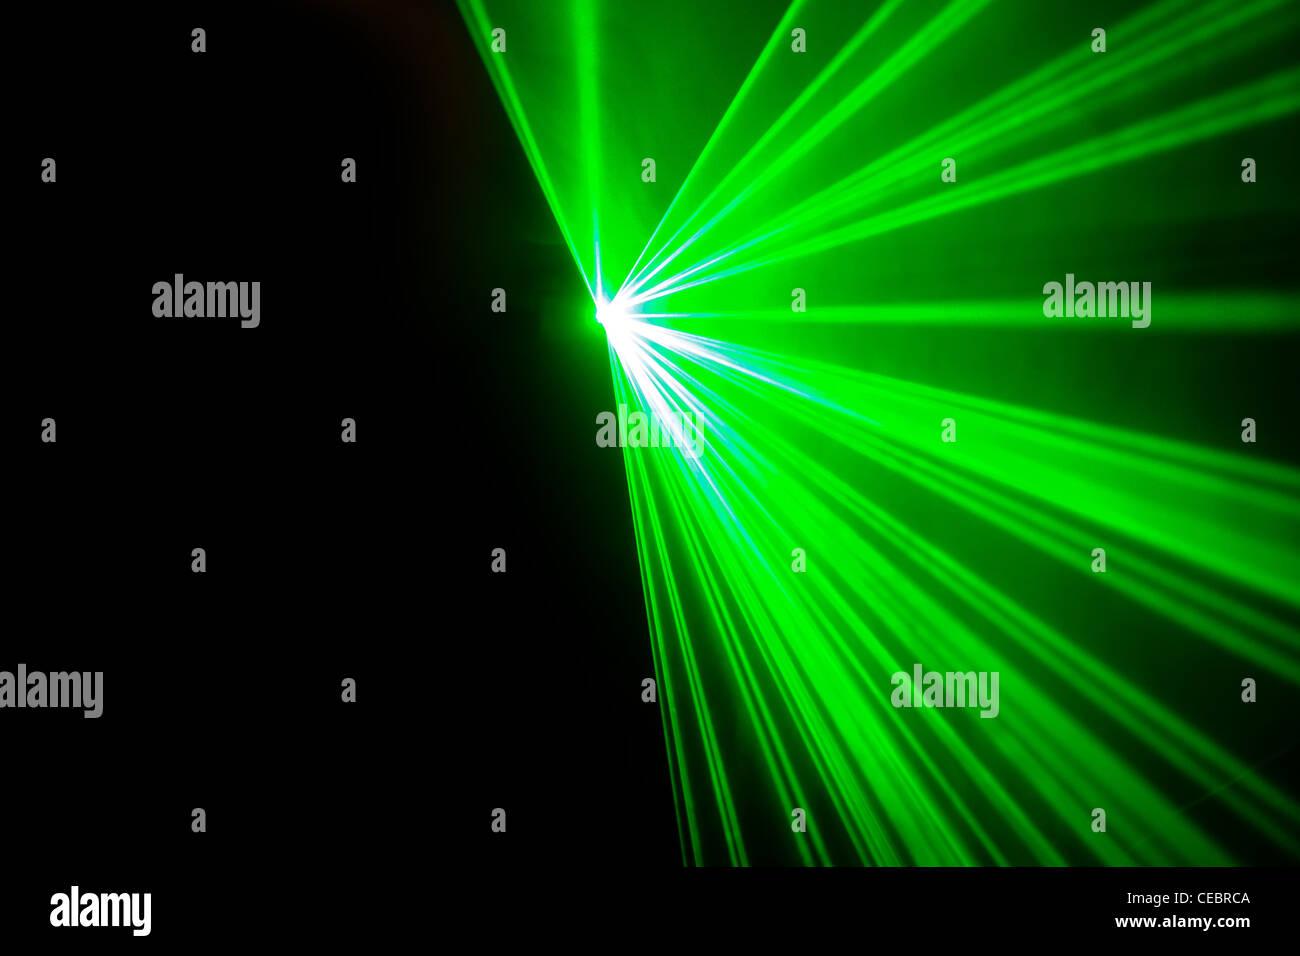 Real green laser lights on black background - Stock Image